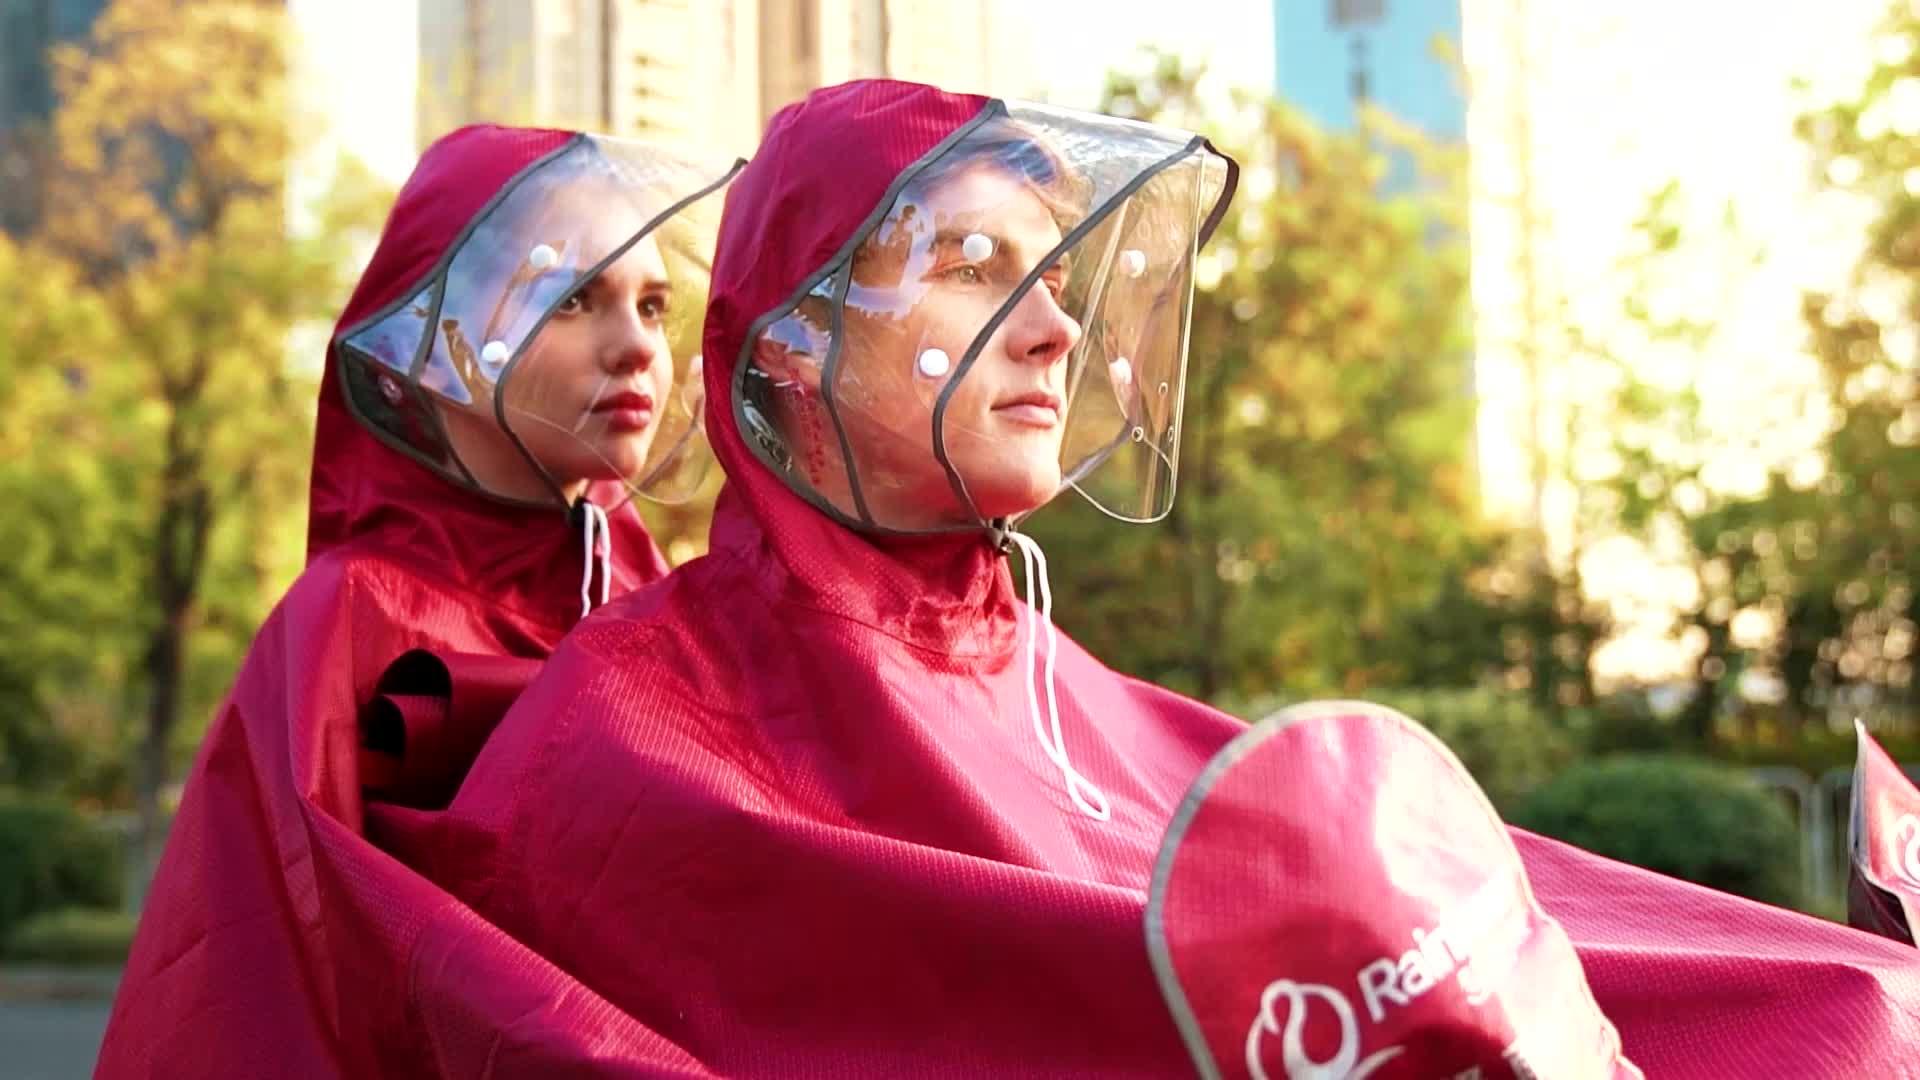 ファッションレインポンチョ 2 personcover 防水オートバイのレインウェア